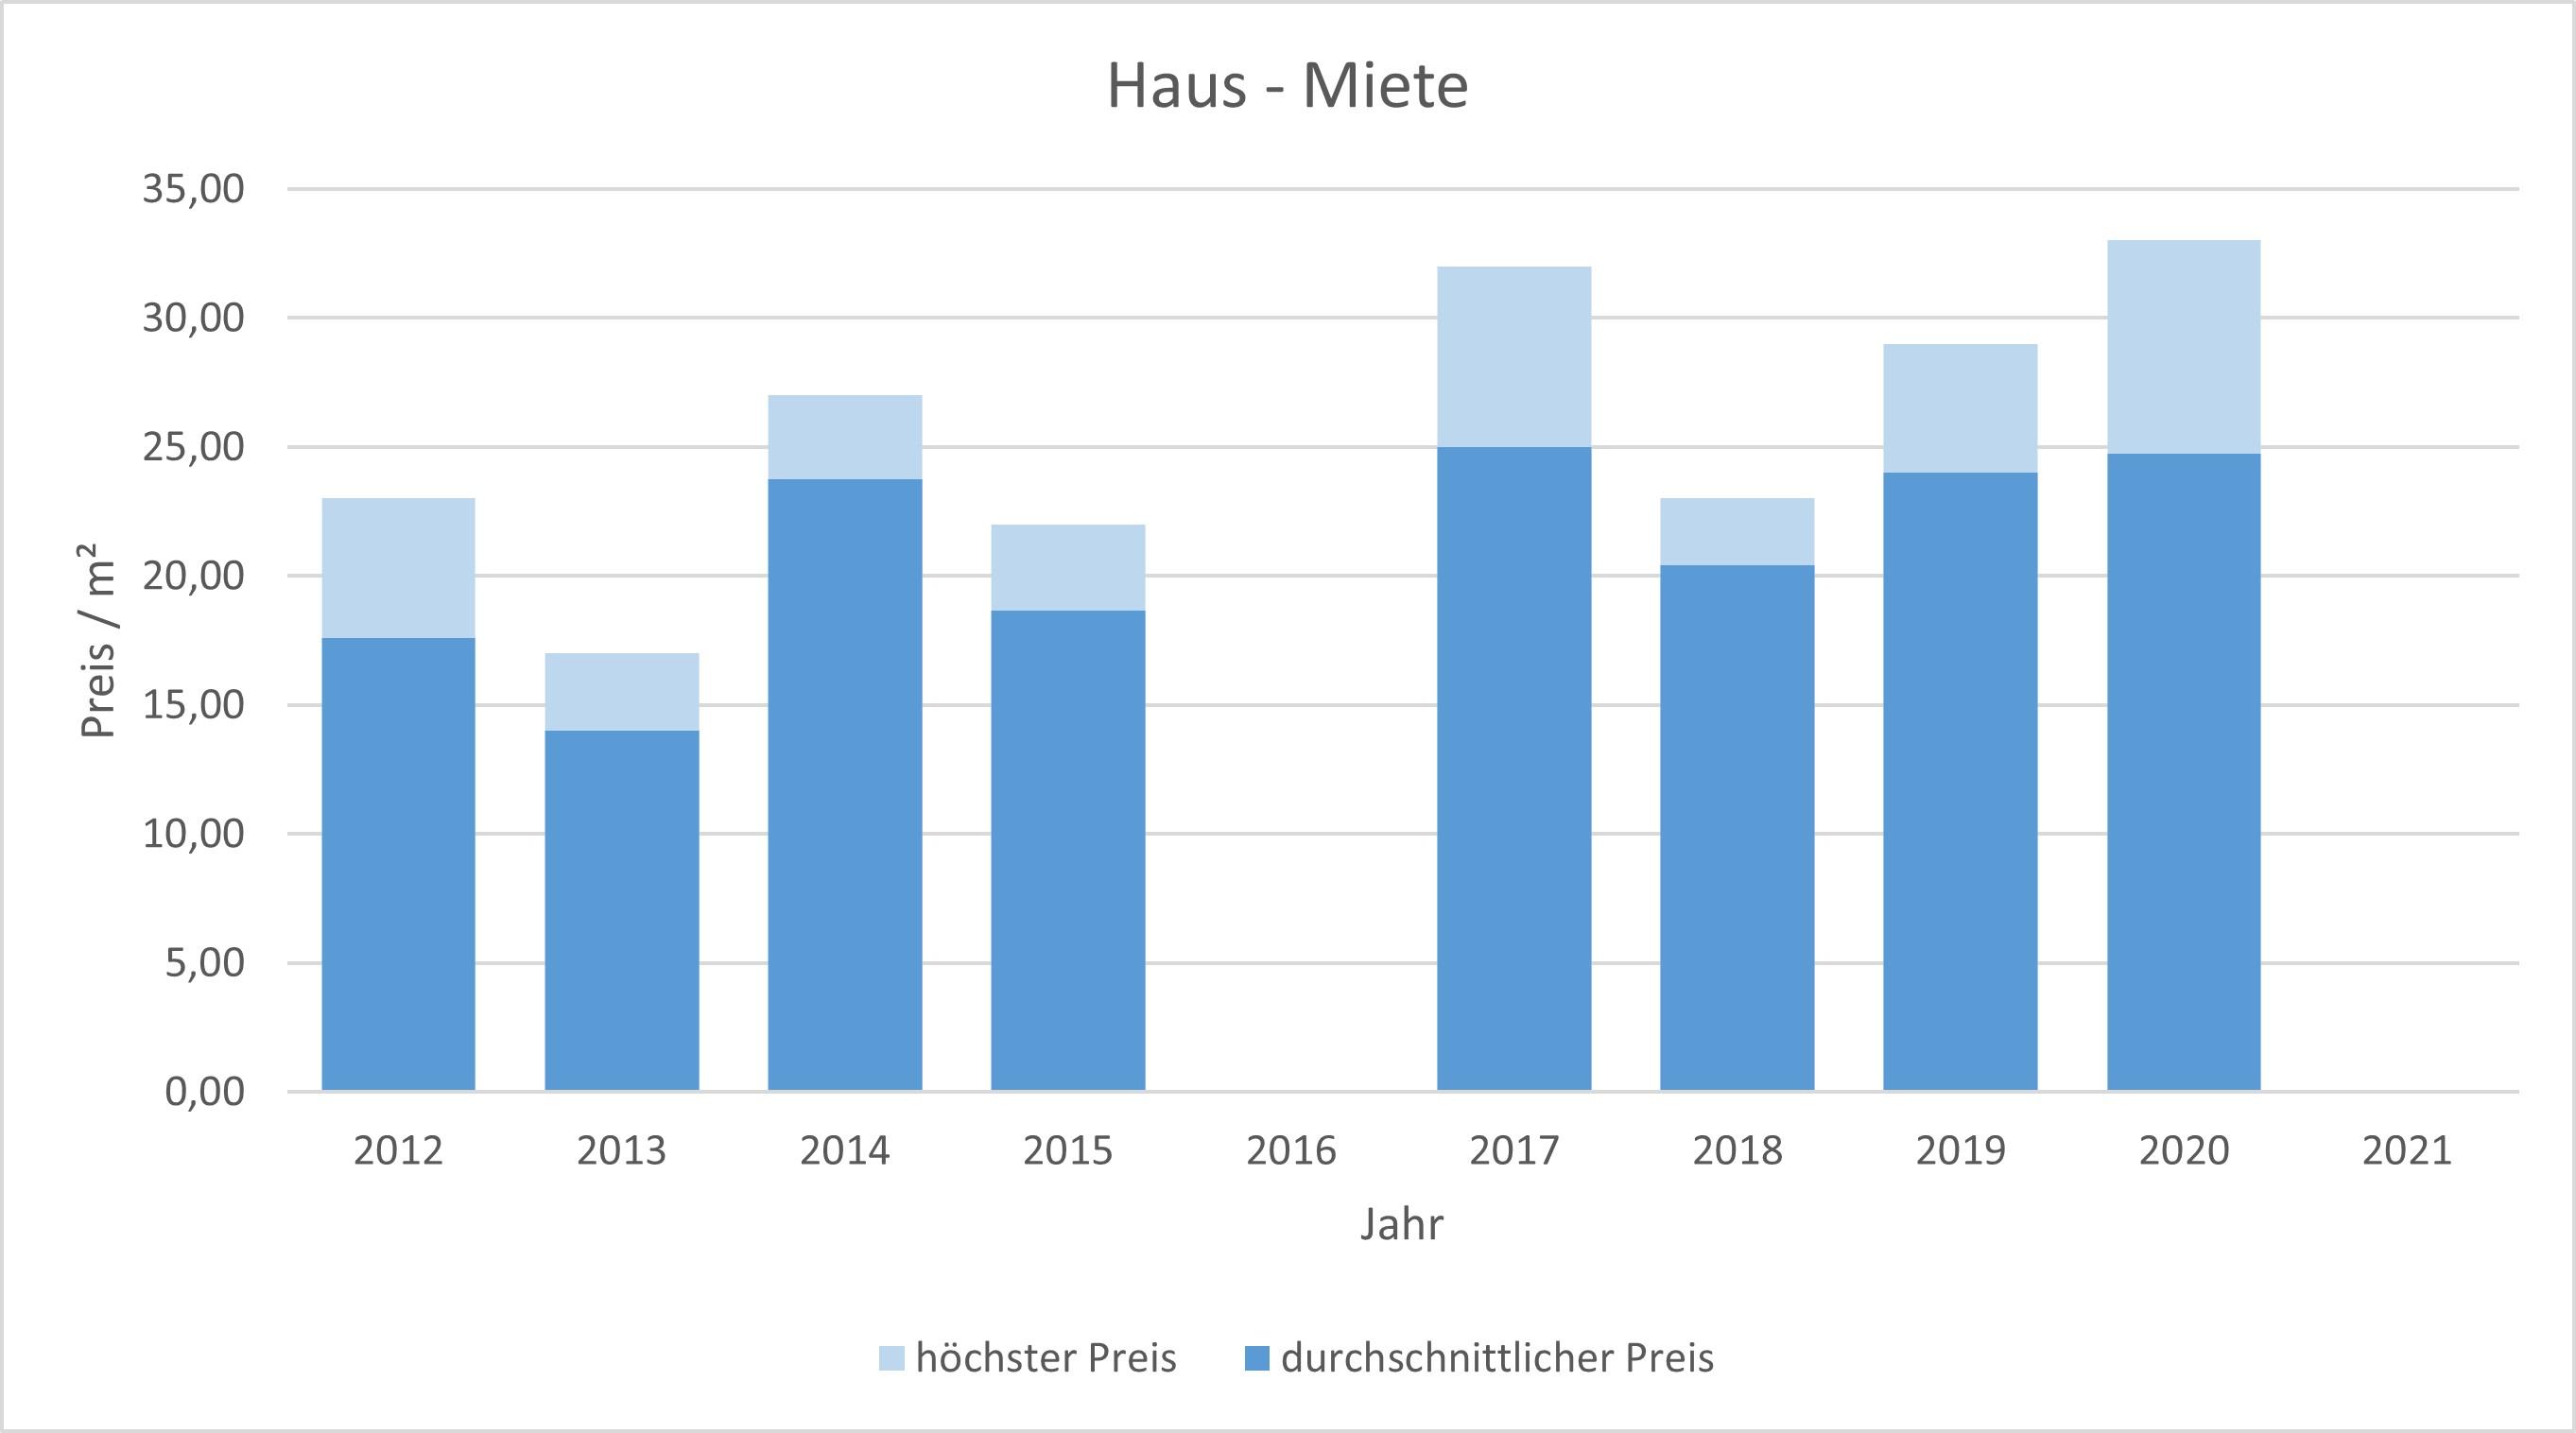 München - Haidhausen Haus mieten vermieten Preis Bewertung Makler 2019 2020 2021 www.happy-immo.de